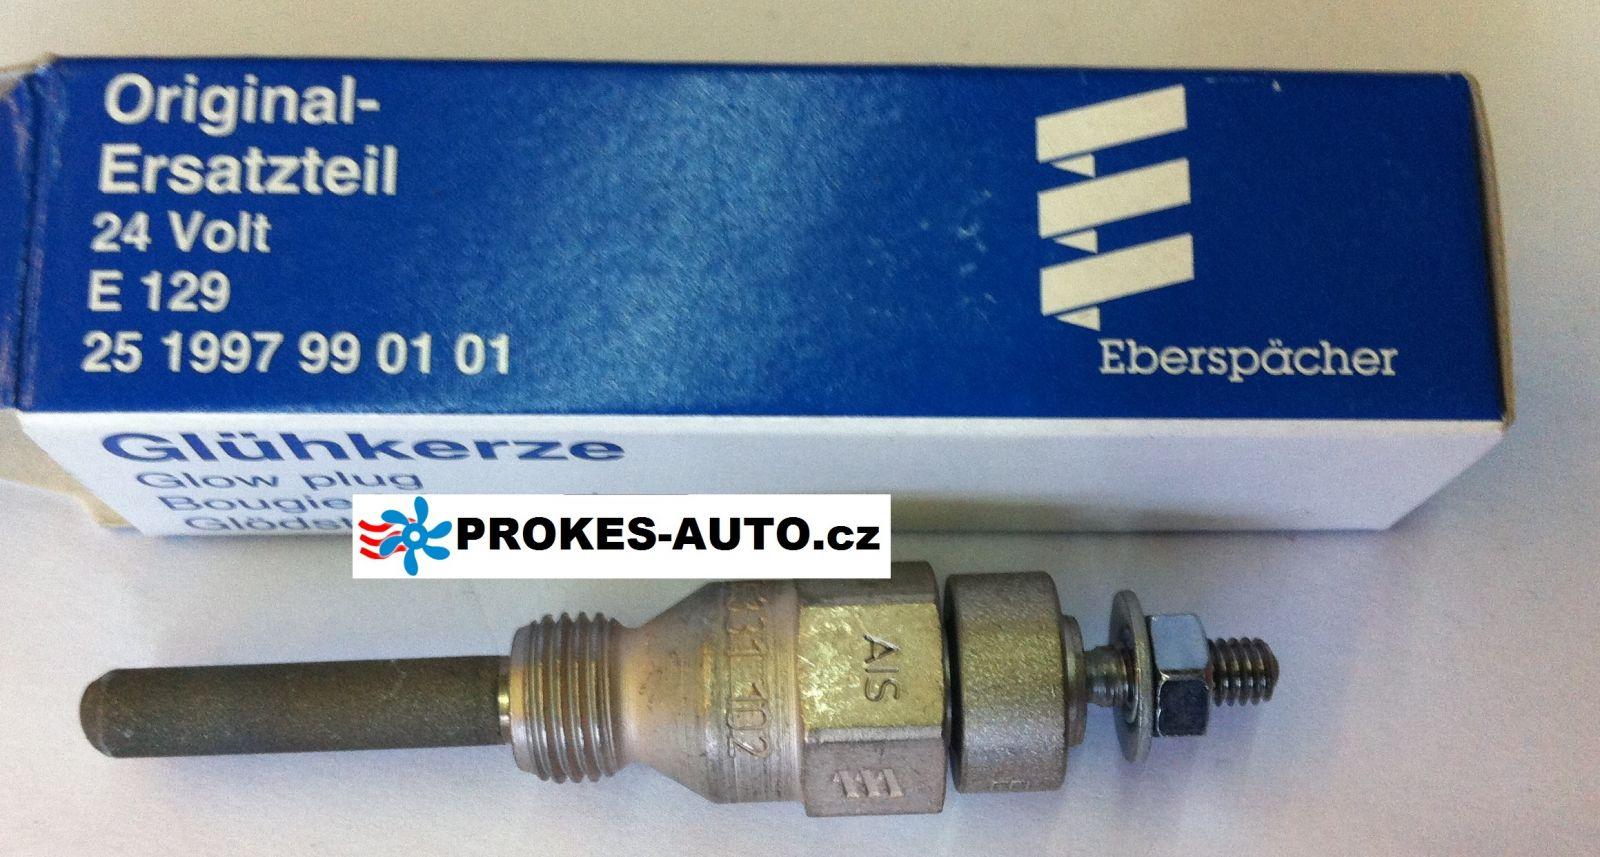 Žhavící svíčka E129 24V Hydronic 10 / D9W 251997990101 Eberspacher